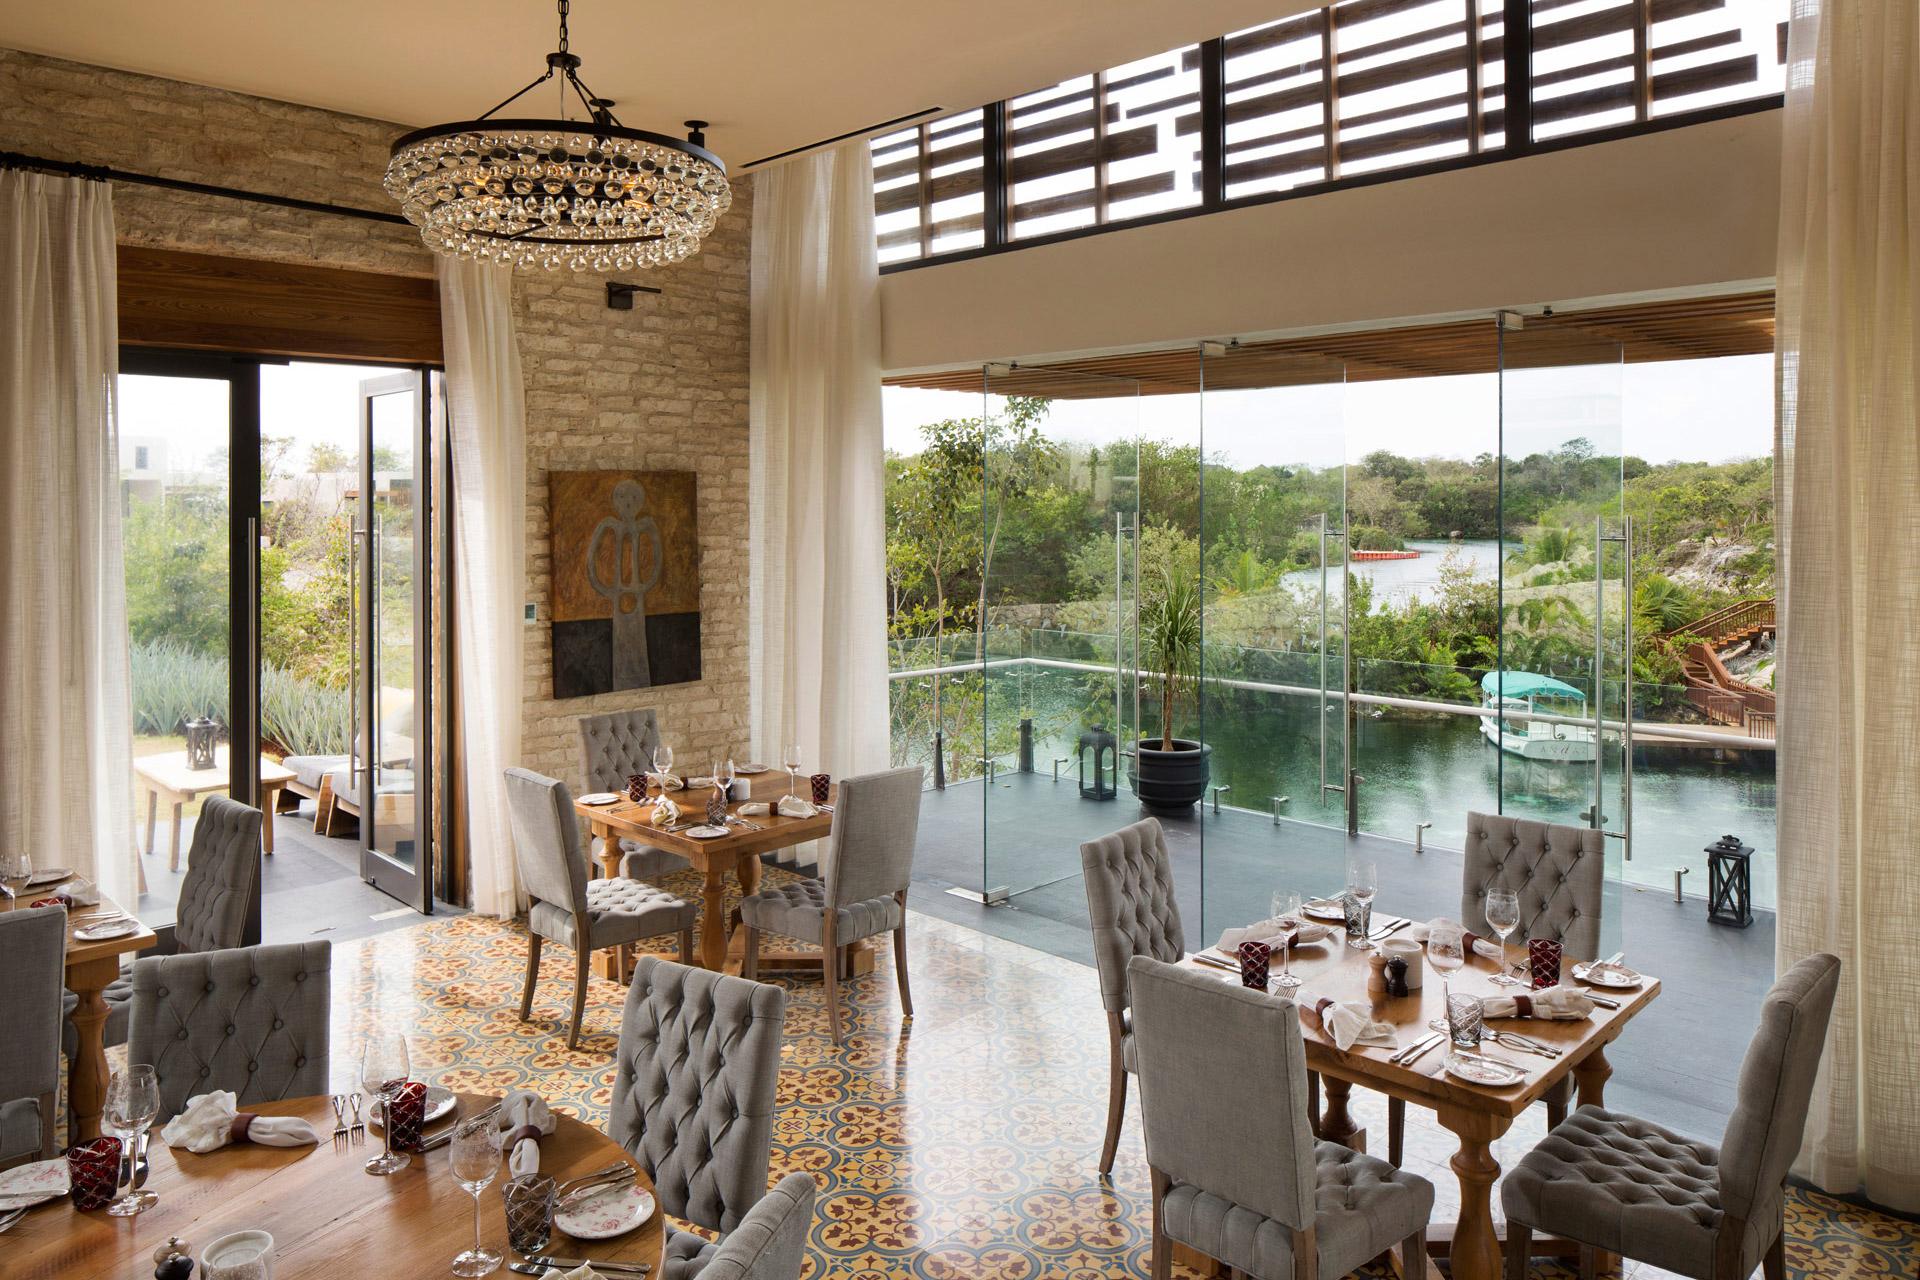 Casa Amate restaurant designer